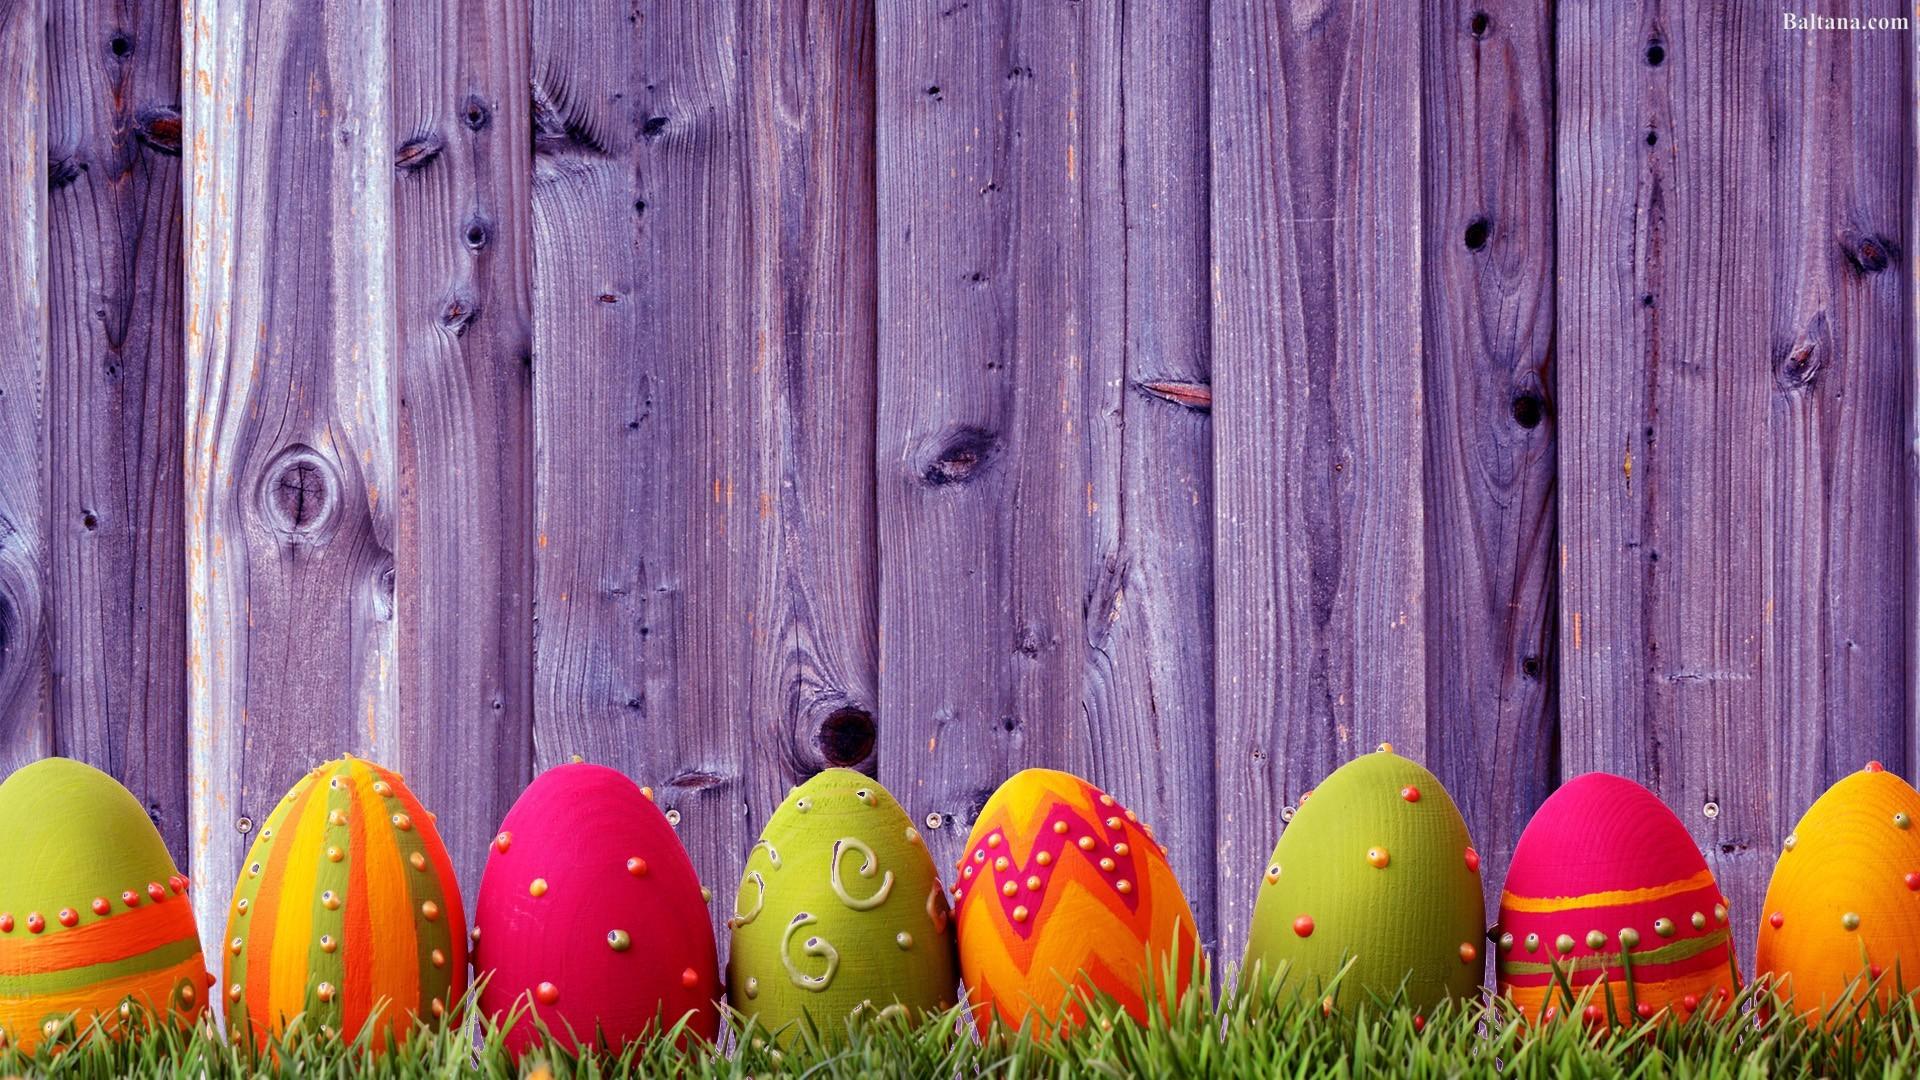 Easter Eggs HD Desktop Wallpaper 29714   Baltana 1920x1080